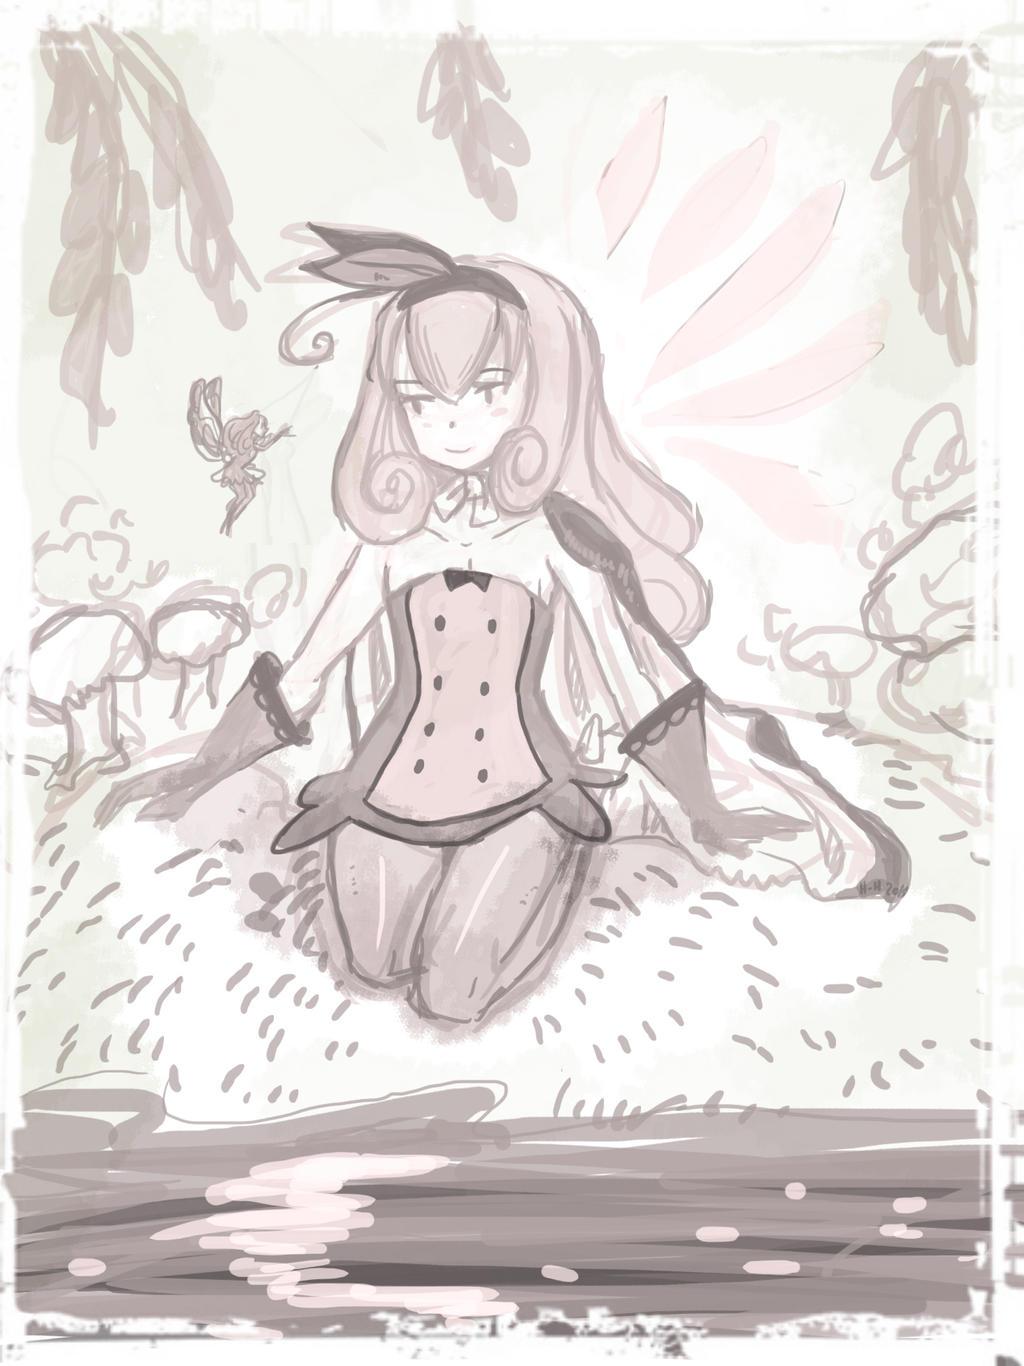 FAiry Sorceress: Le bois feerique by hiromihana